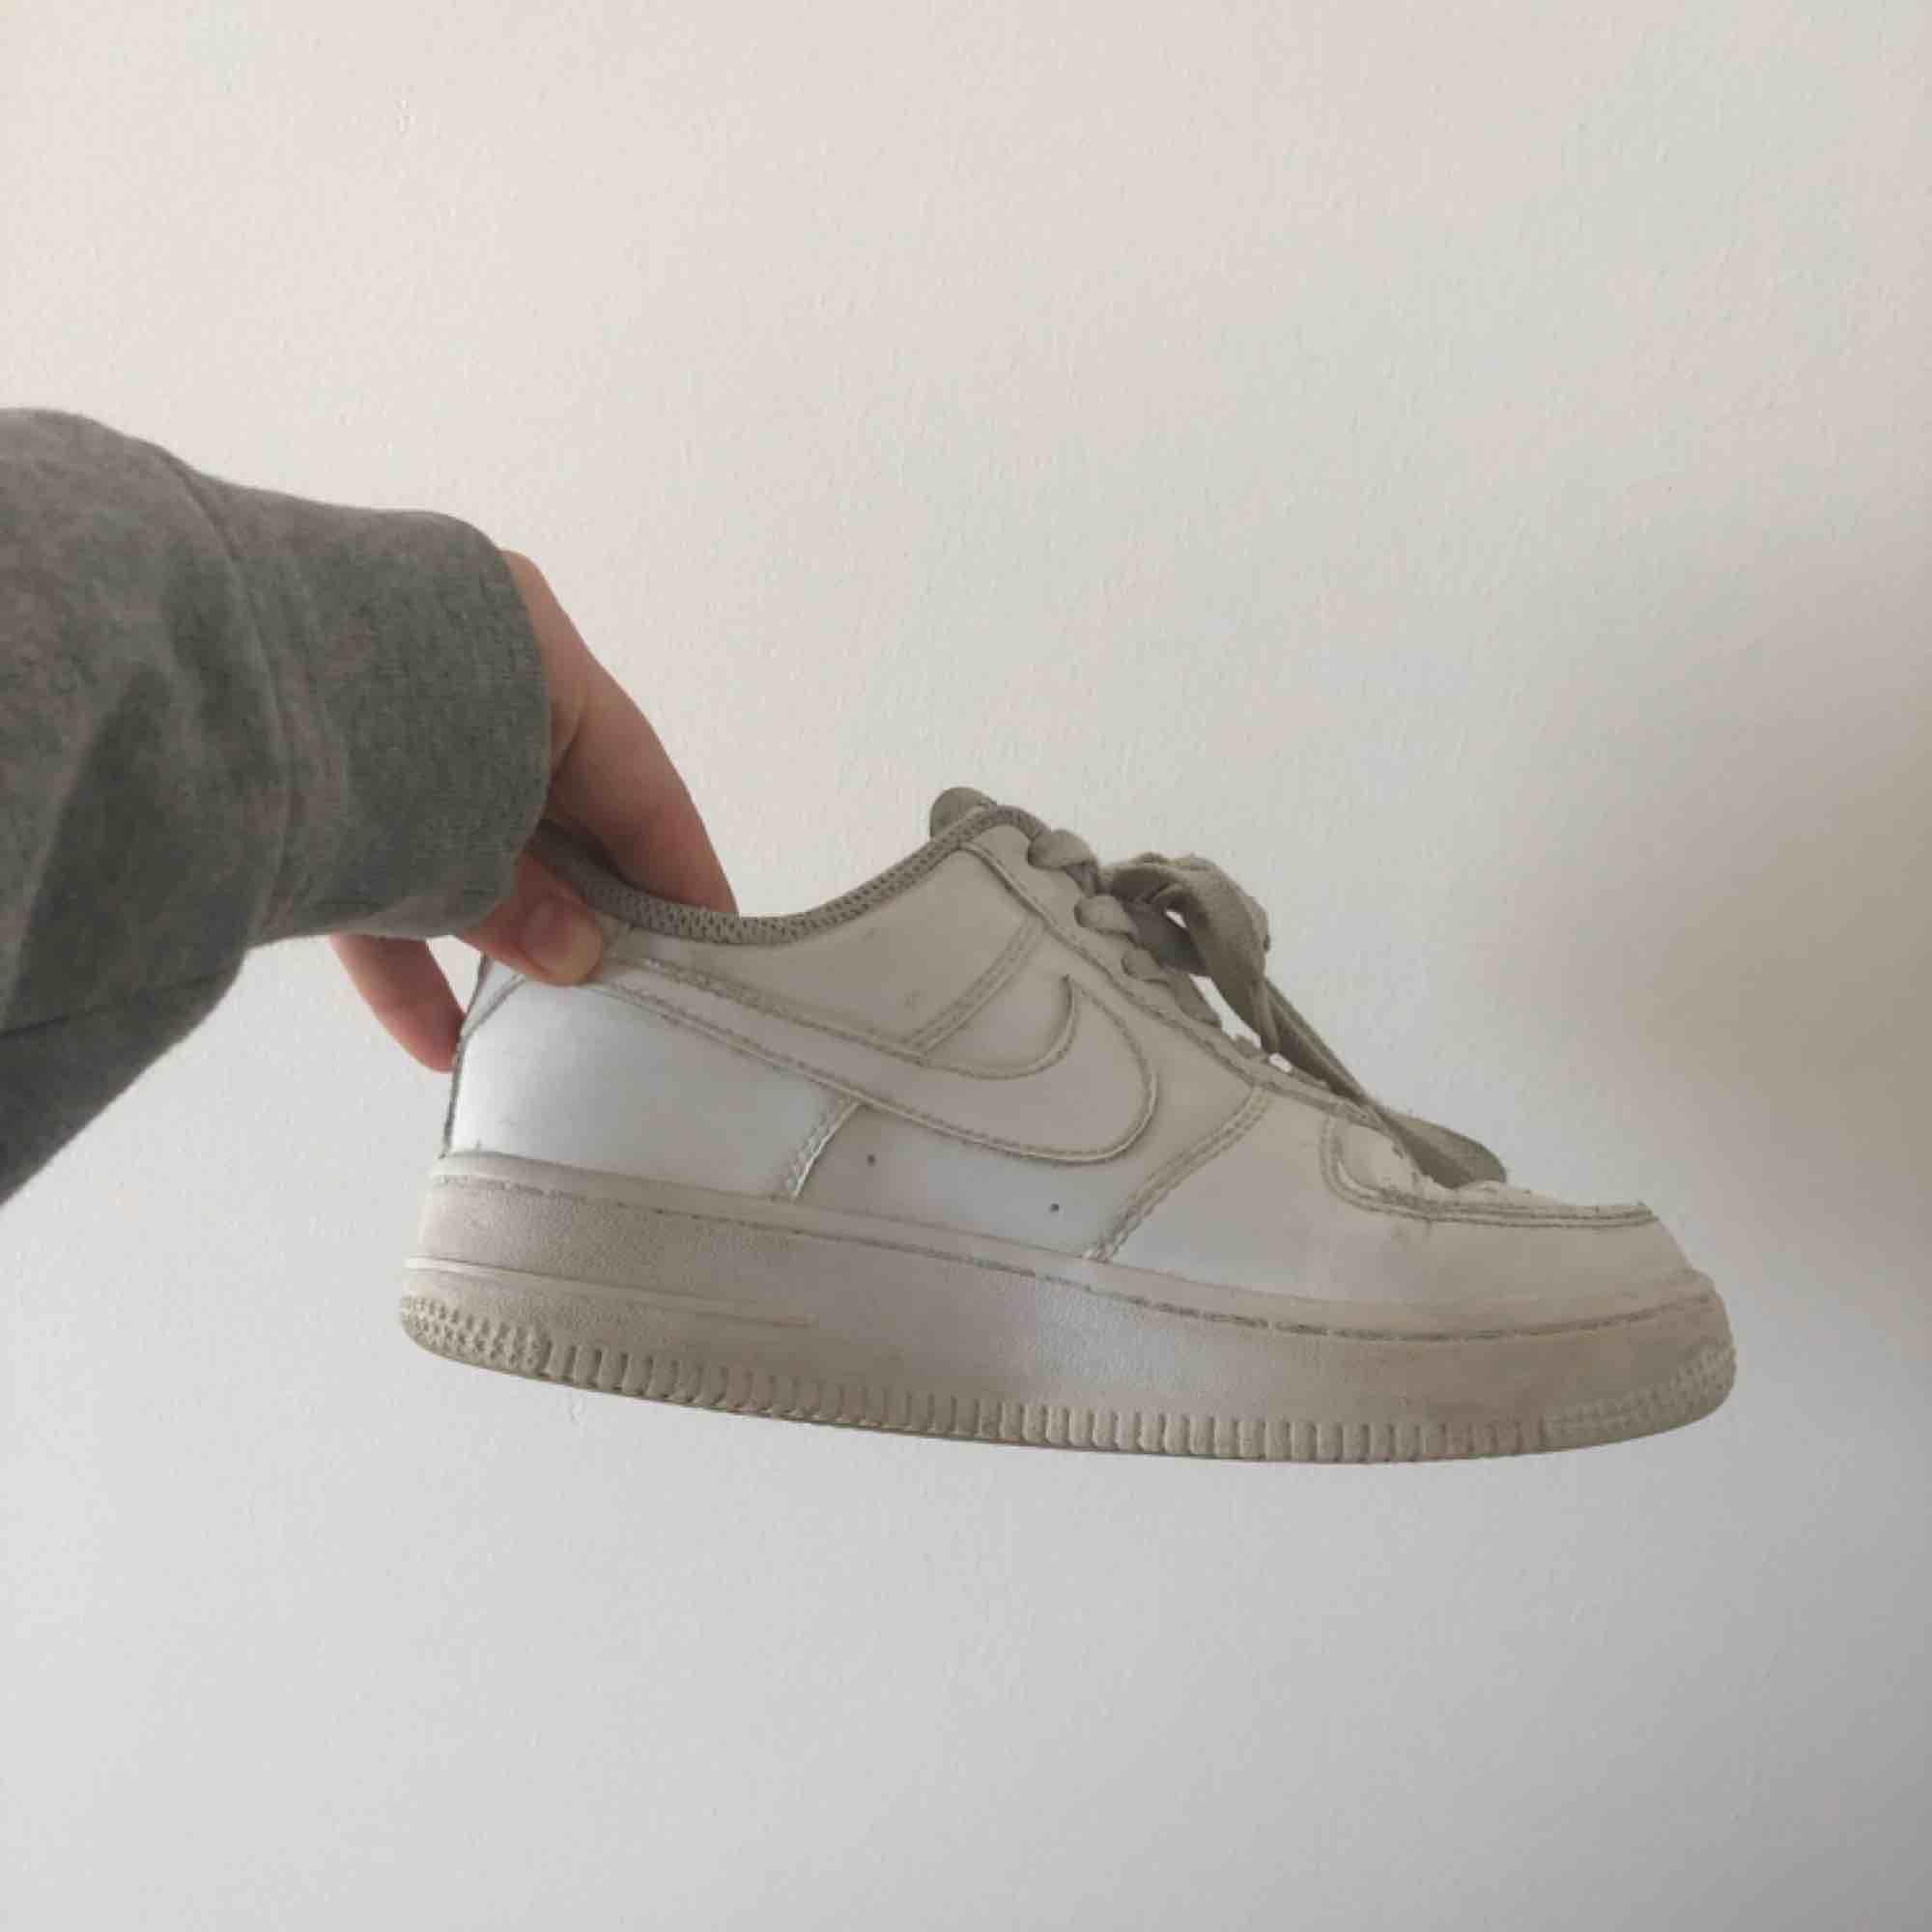 Vita Nike air force i storlek 35,5. Använda men har fortfarande mycket att ge! Väldigt skön sko. . Skor.